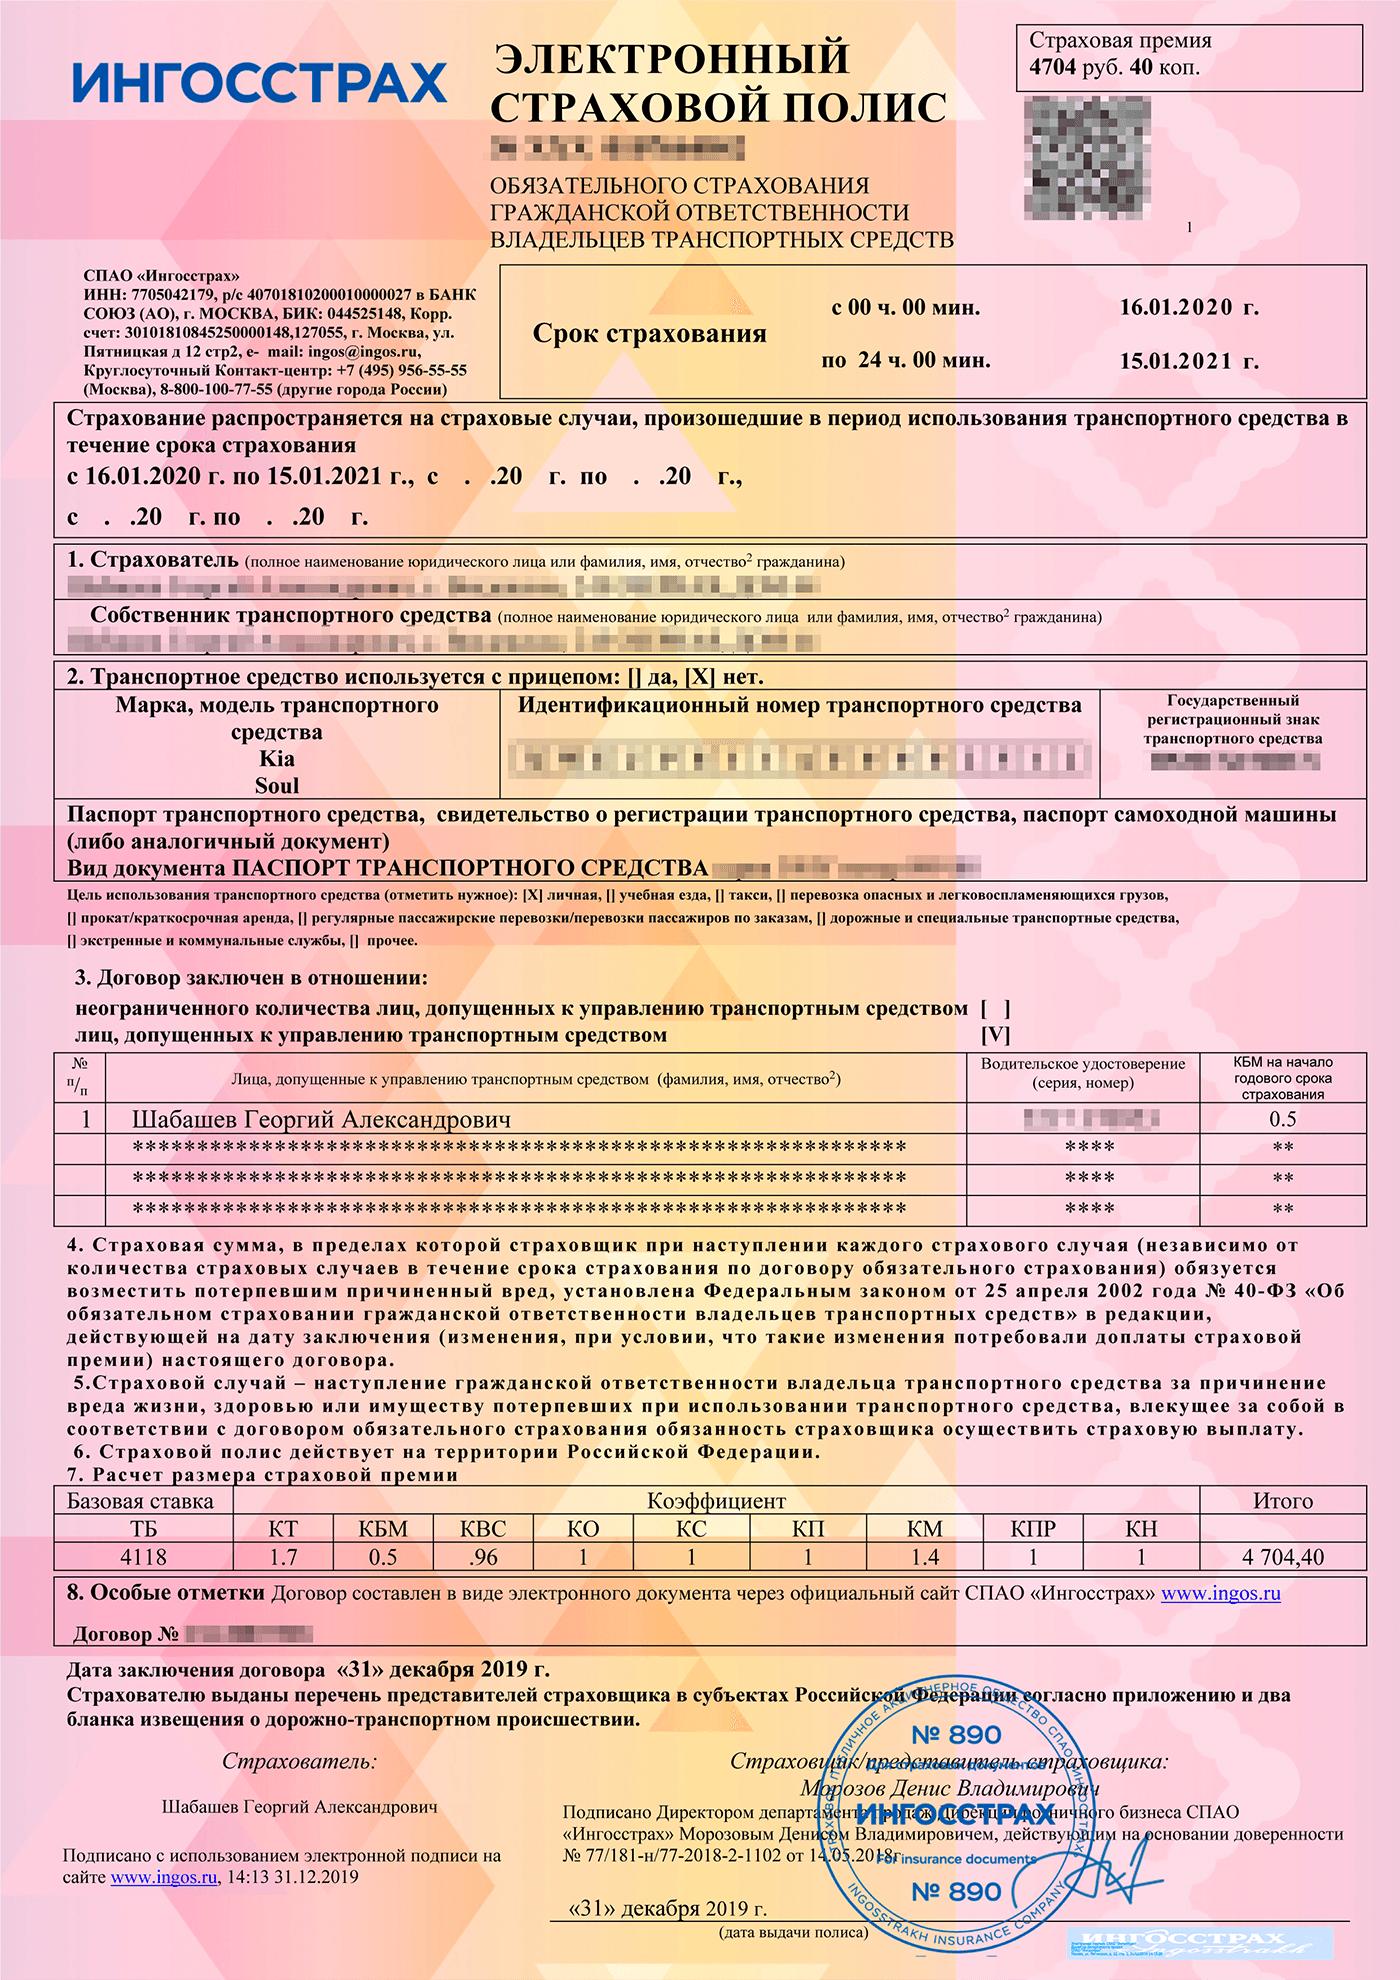 Коэффициент бонус-малус (КБМ) указывается напротив имени каждого допущенного к управлению лица — индивидуальный КБМ водителя. В нижней части полиса в таблице расчета страховой премии в графе «КБМ» — КБМ, влияющий на стоимость полиса